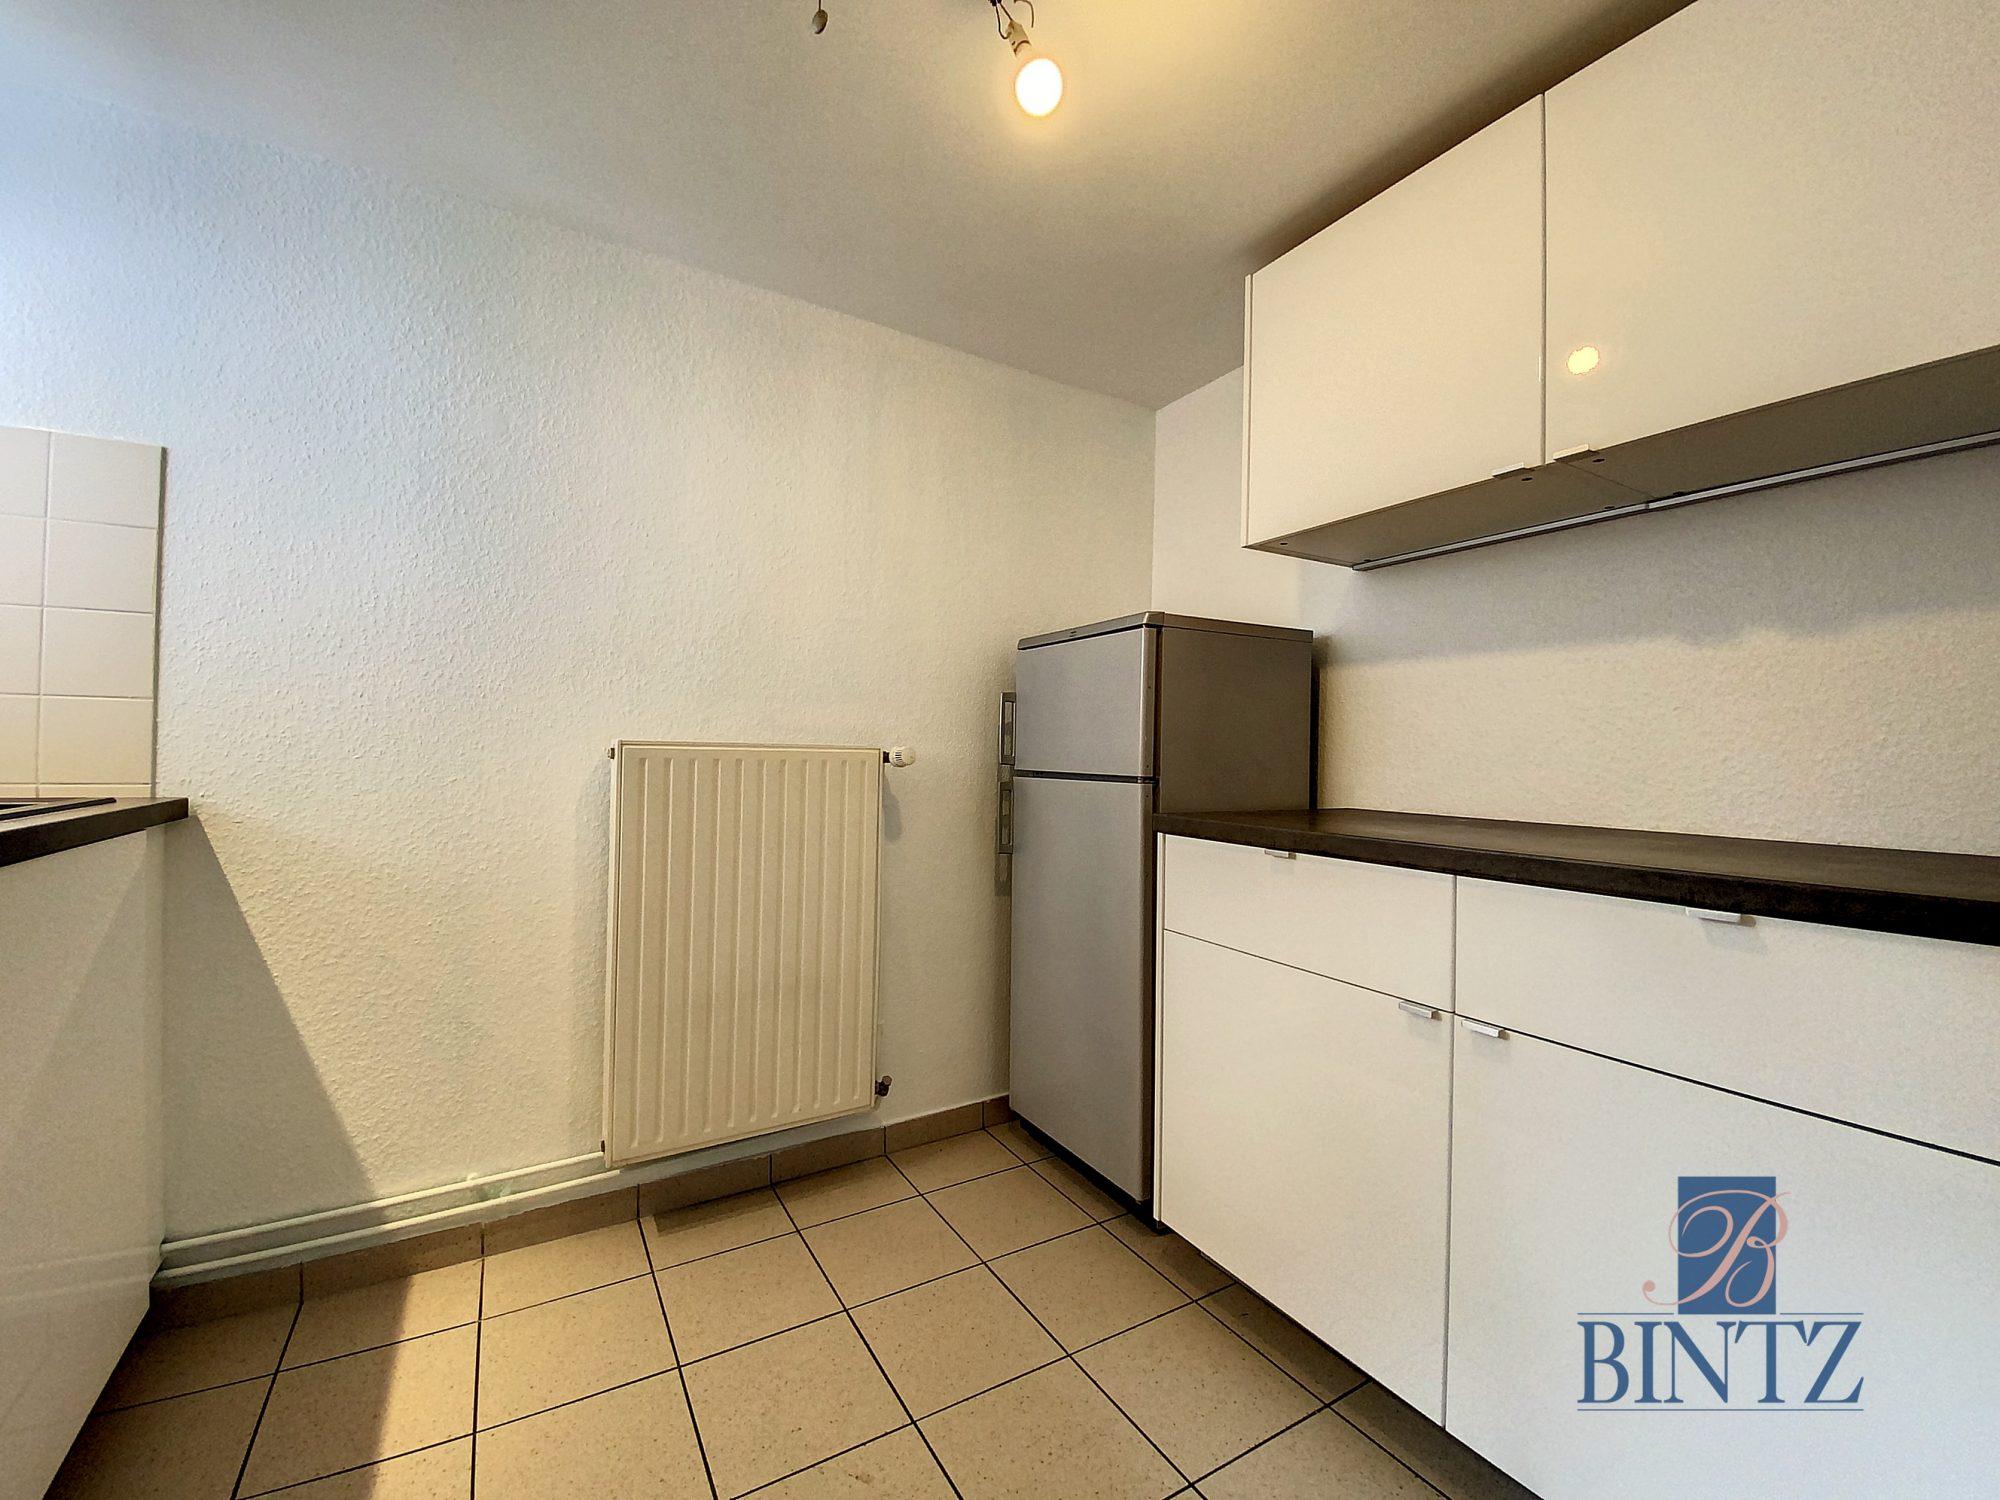 GRAND T4 MITTELHAUSBERGEN AVEC PARKING ET CAVE - Devenez locataire en toute sérénité - Bintz Immobilier - 17